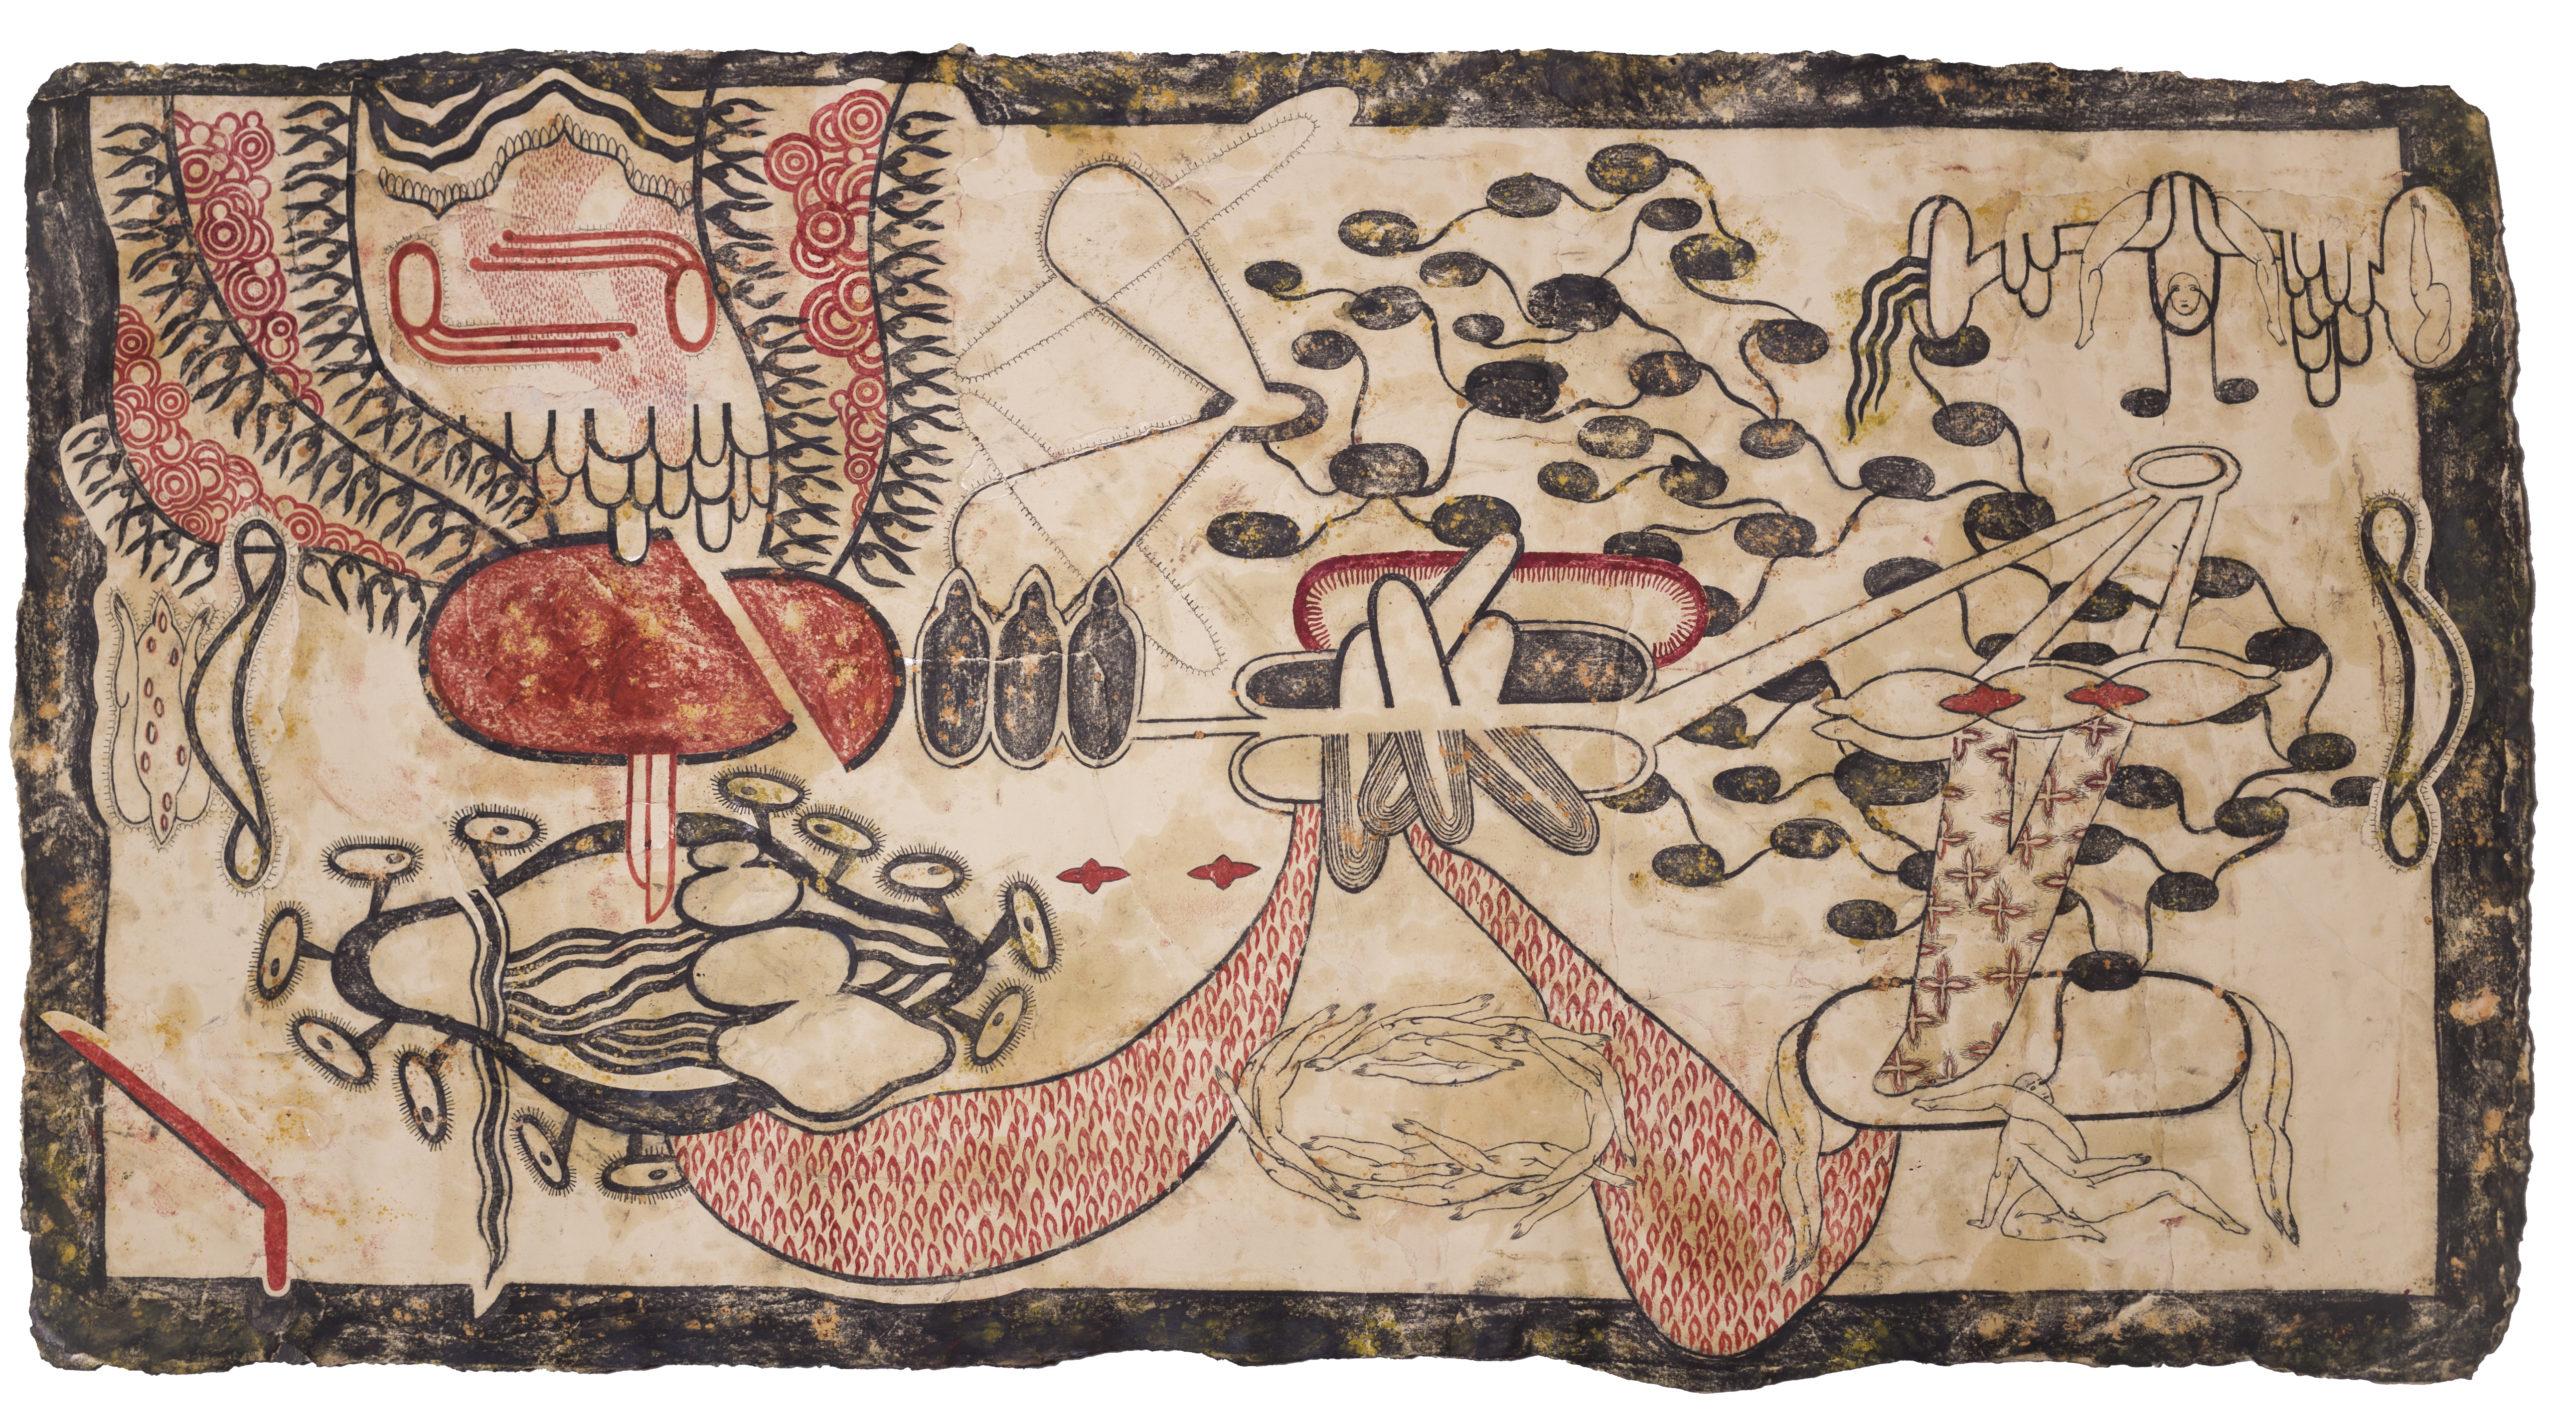 pellegrini simone - Bordo della cortina estrema